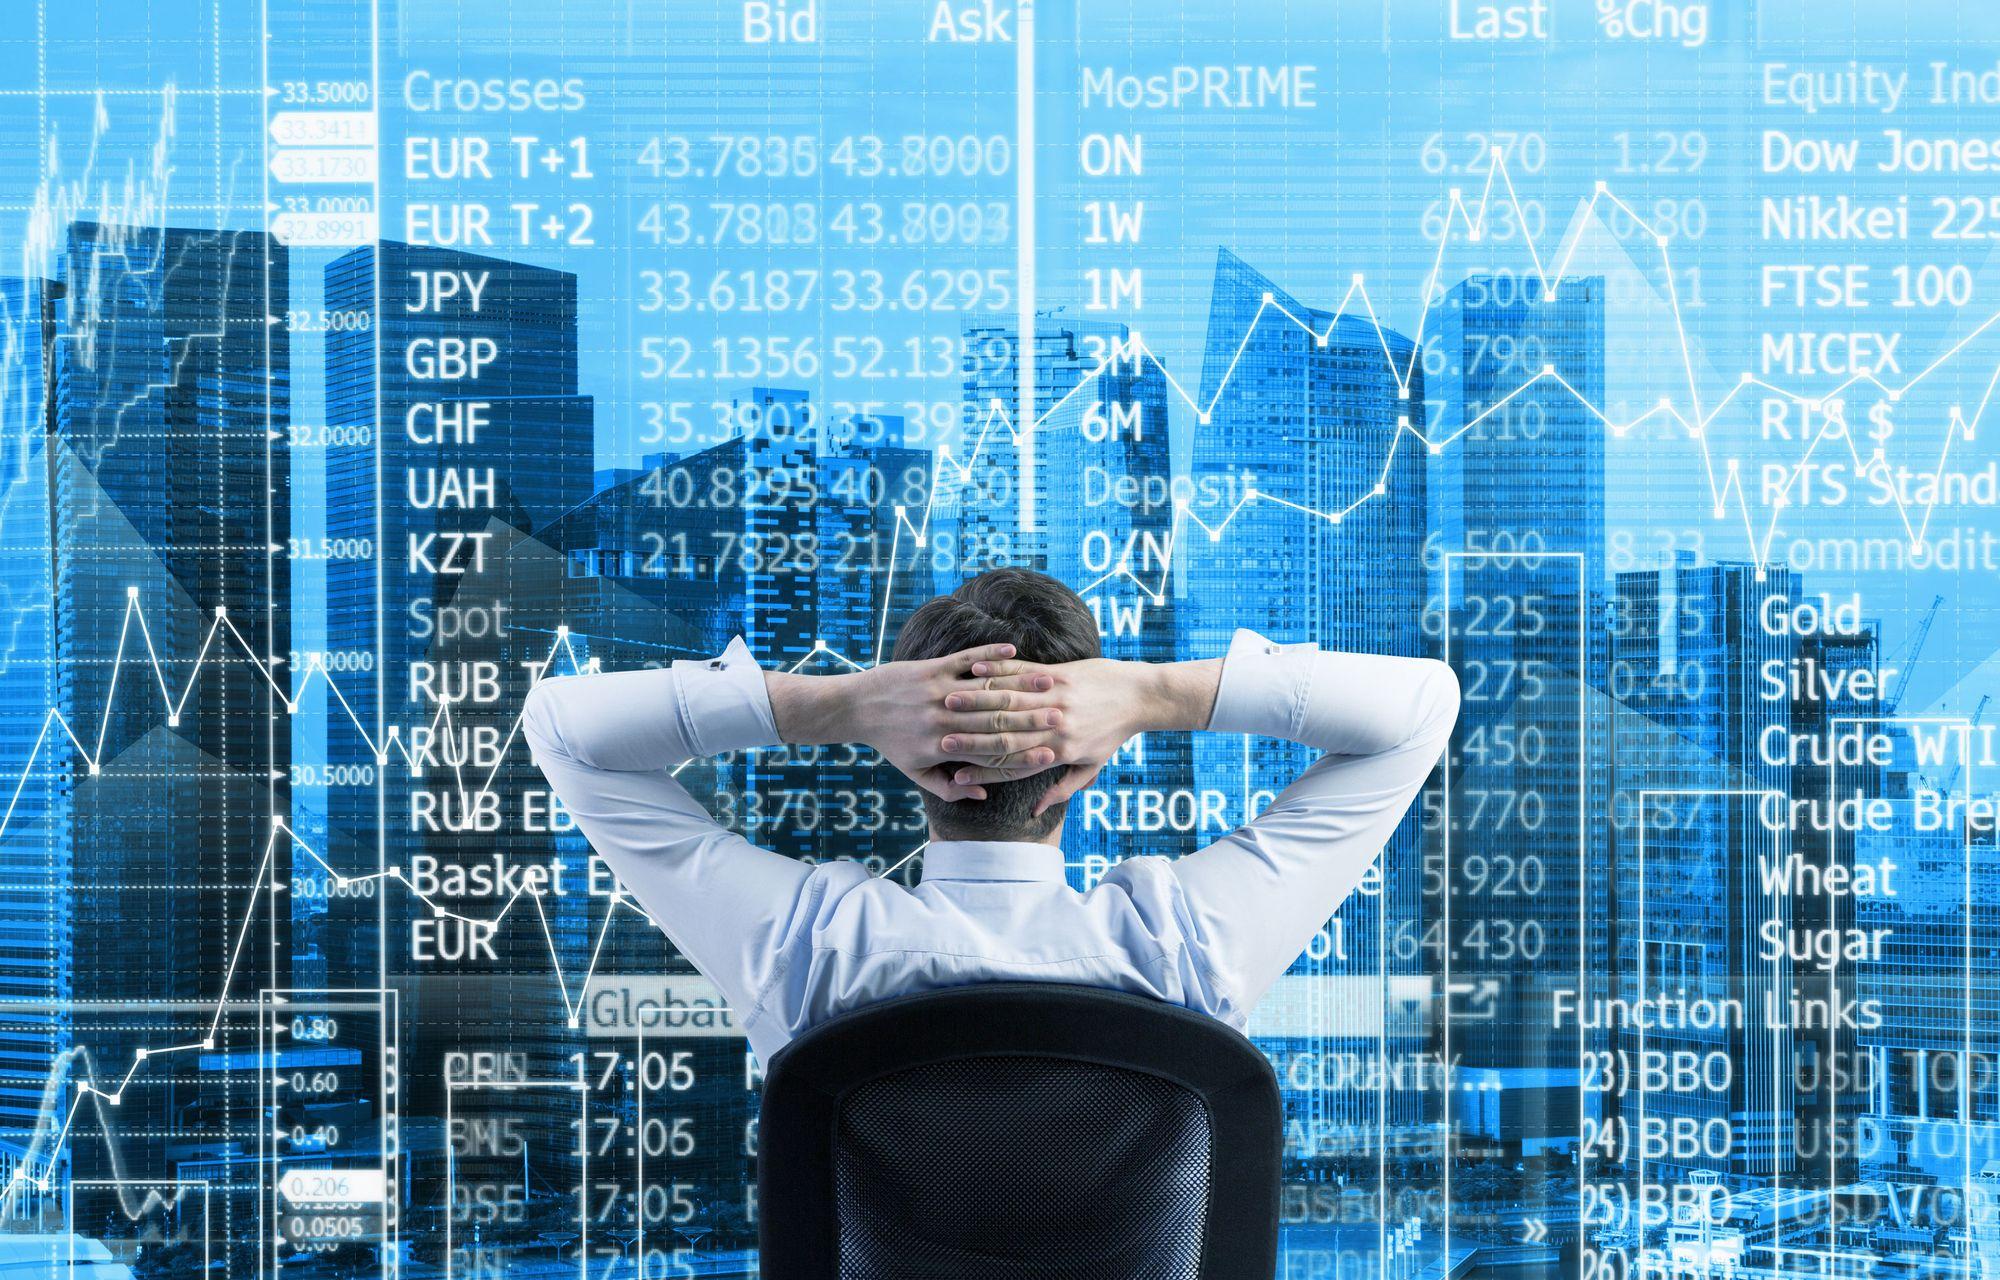 بررسی روند نزولی بازار سرمایه